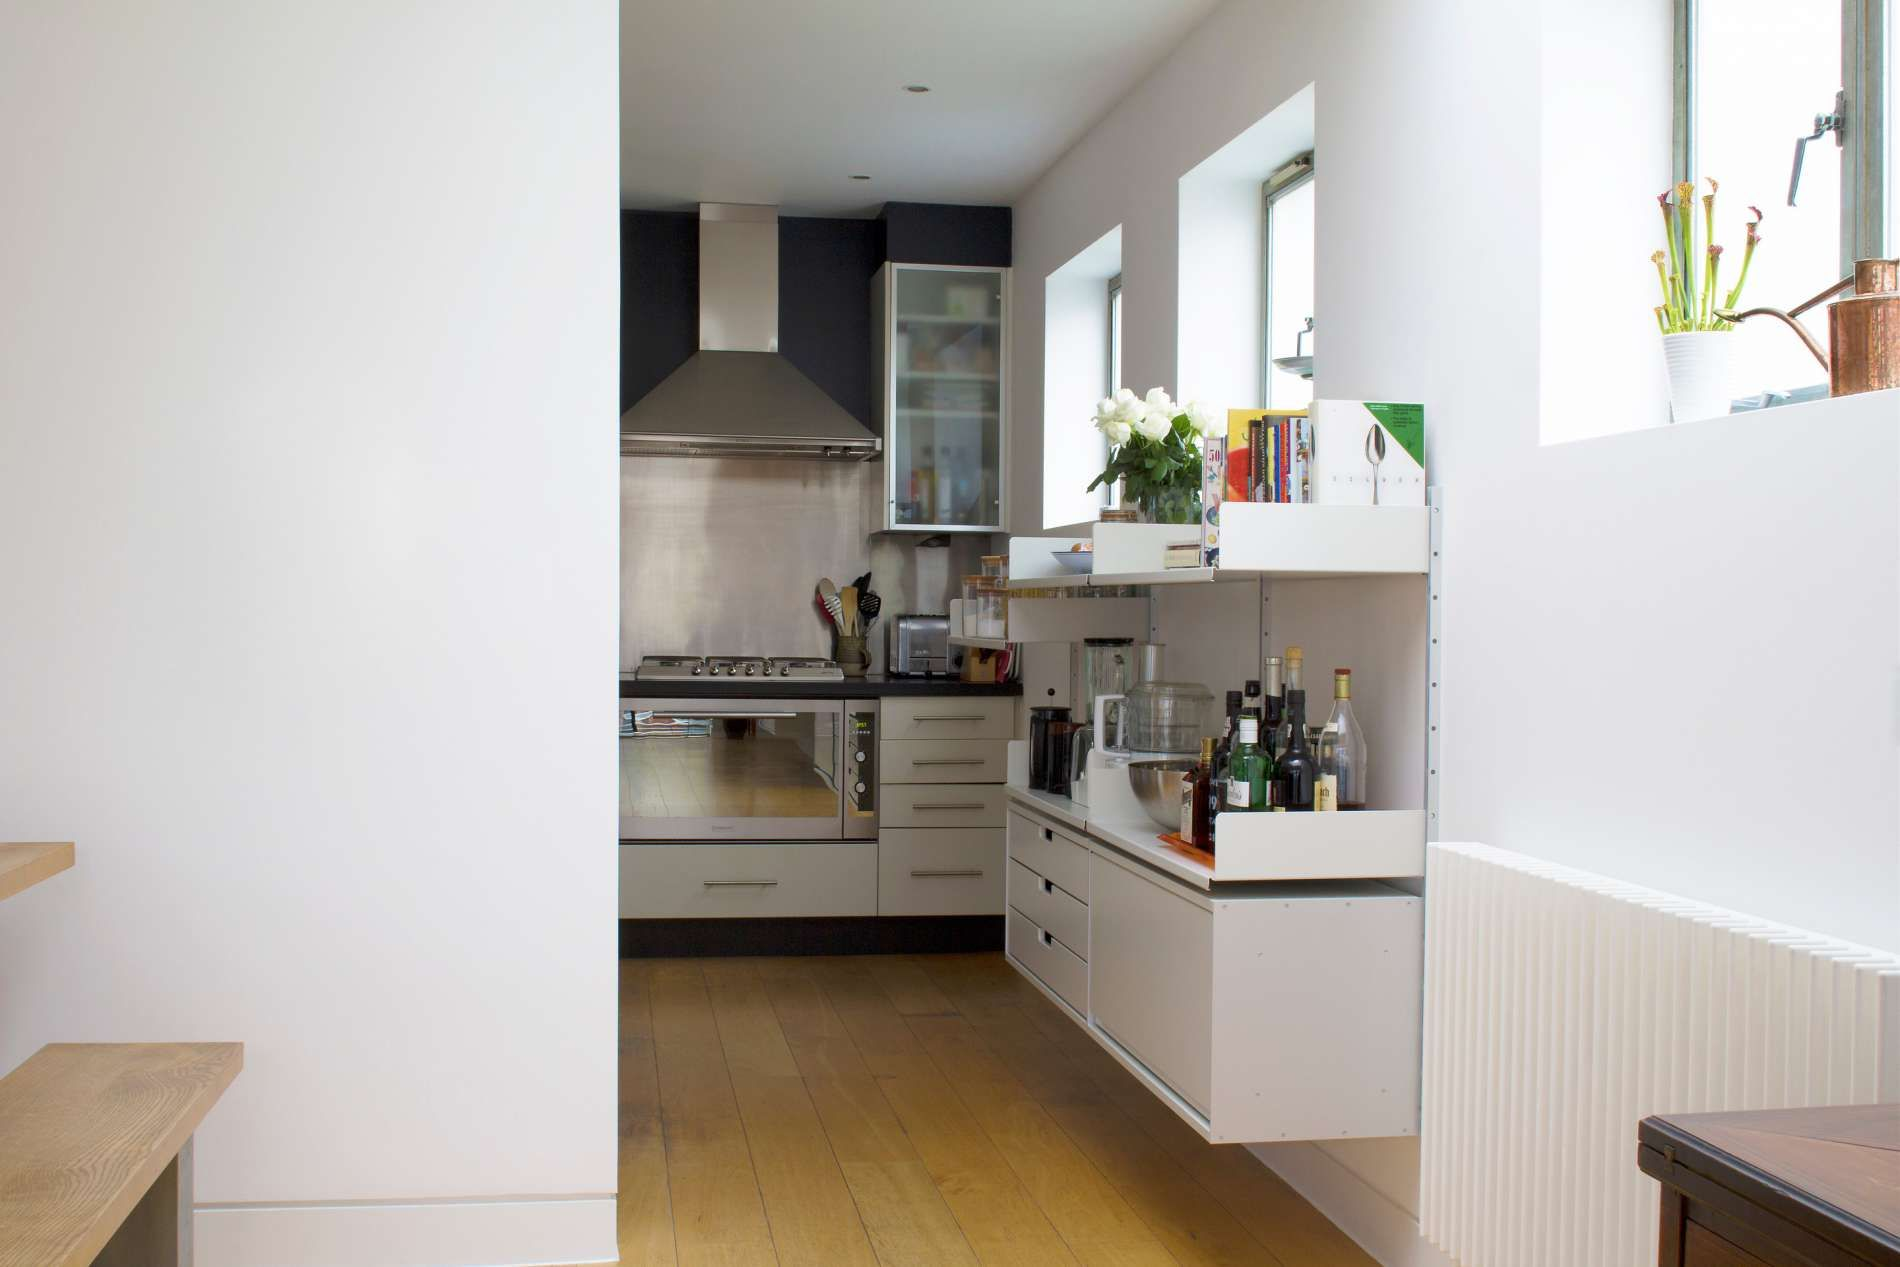 Regale und Kästen verbinden die Küche mit dem Esszimmer ...